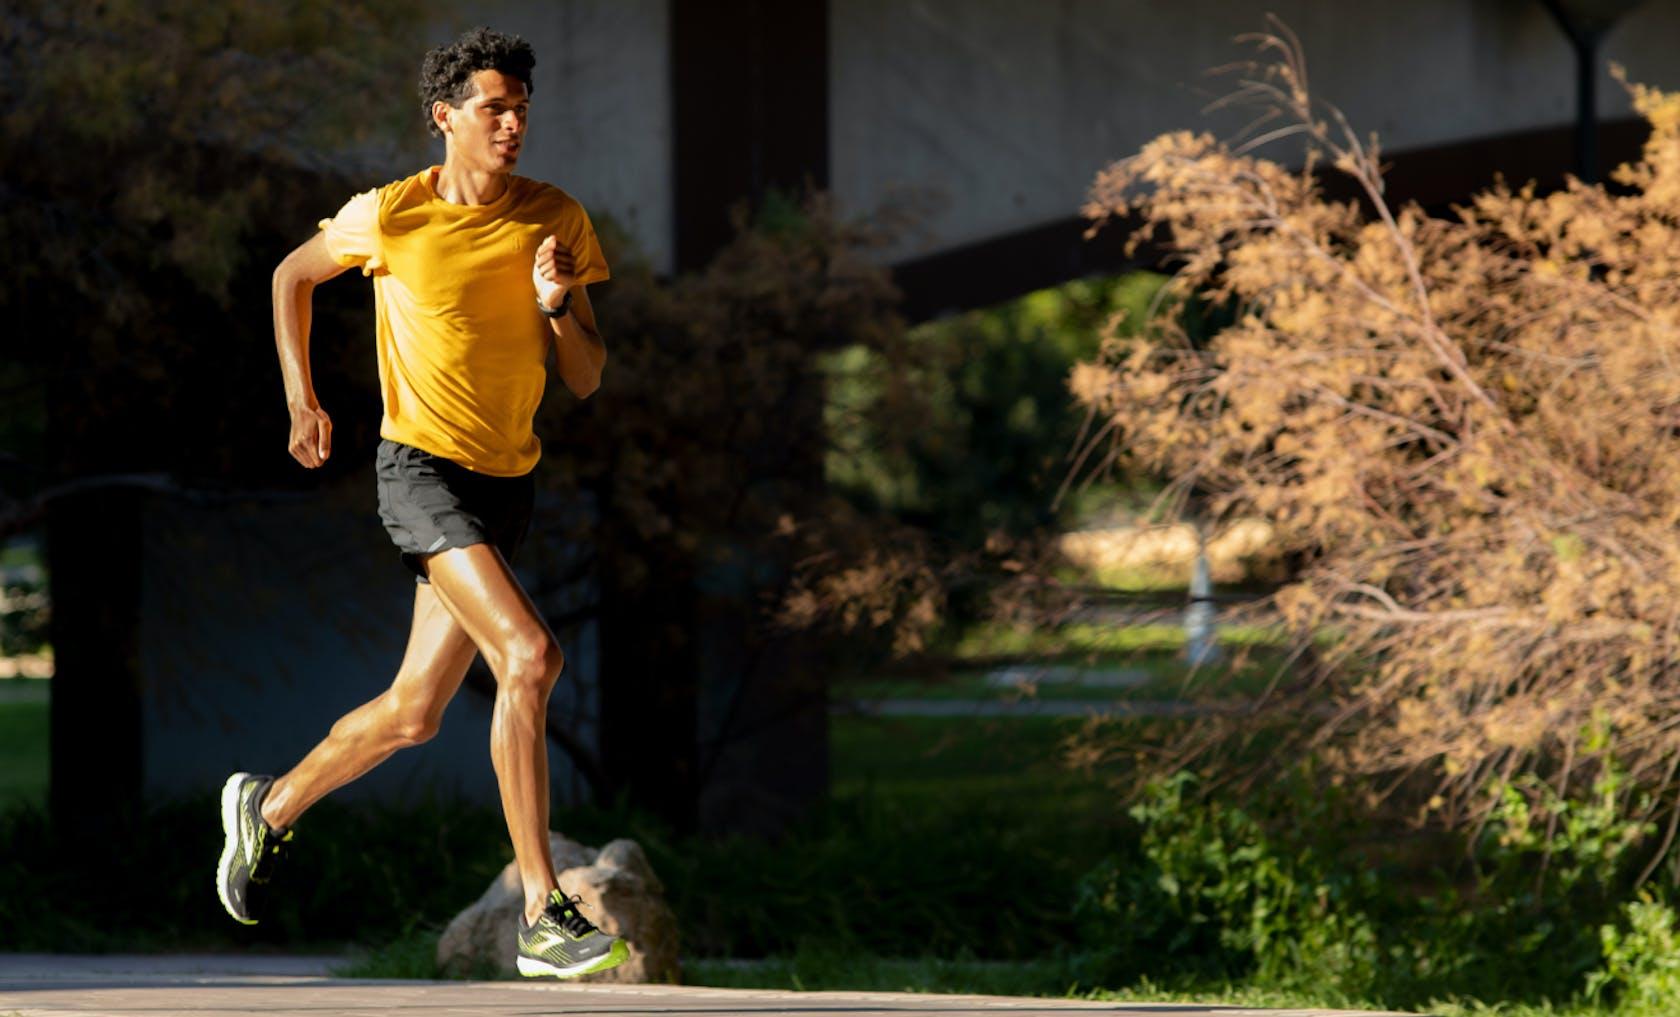 Brooks scarpe running uomo